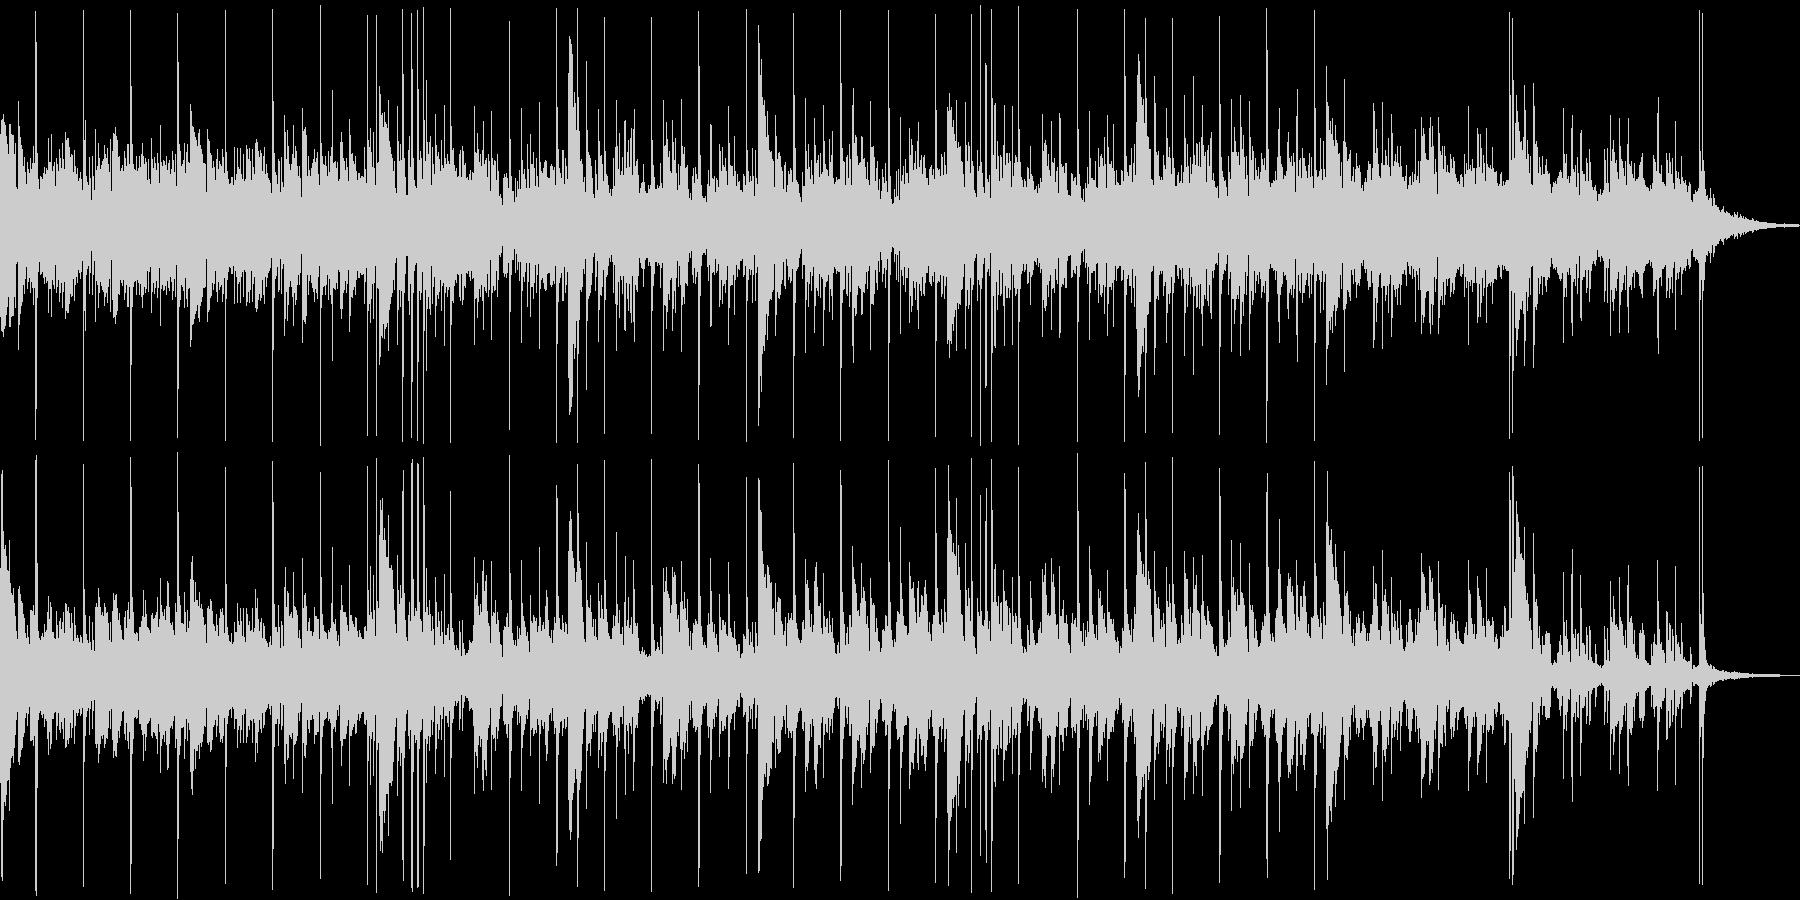 ギターのアルペジオと深いリバーブの掛か…の未再生の波形